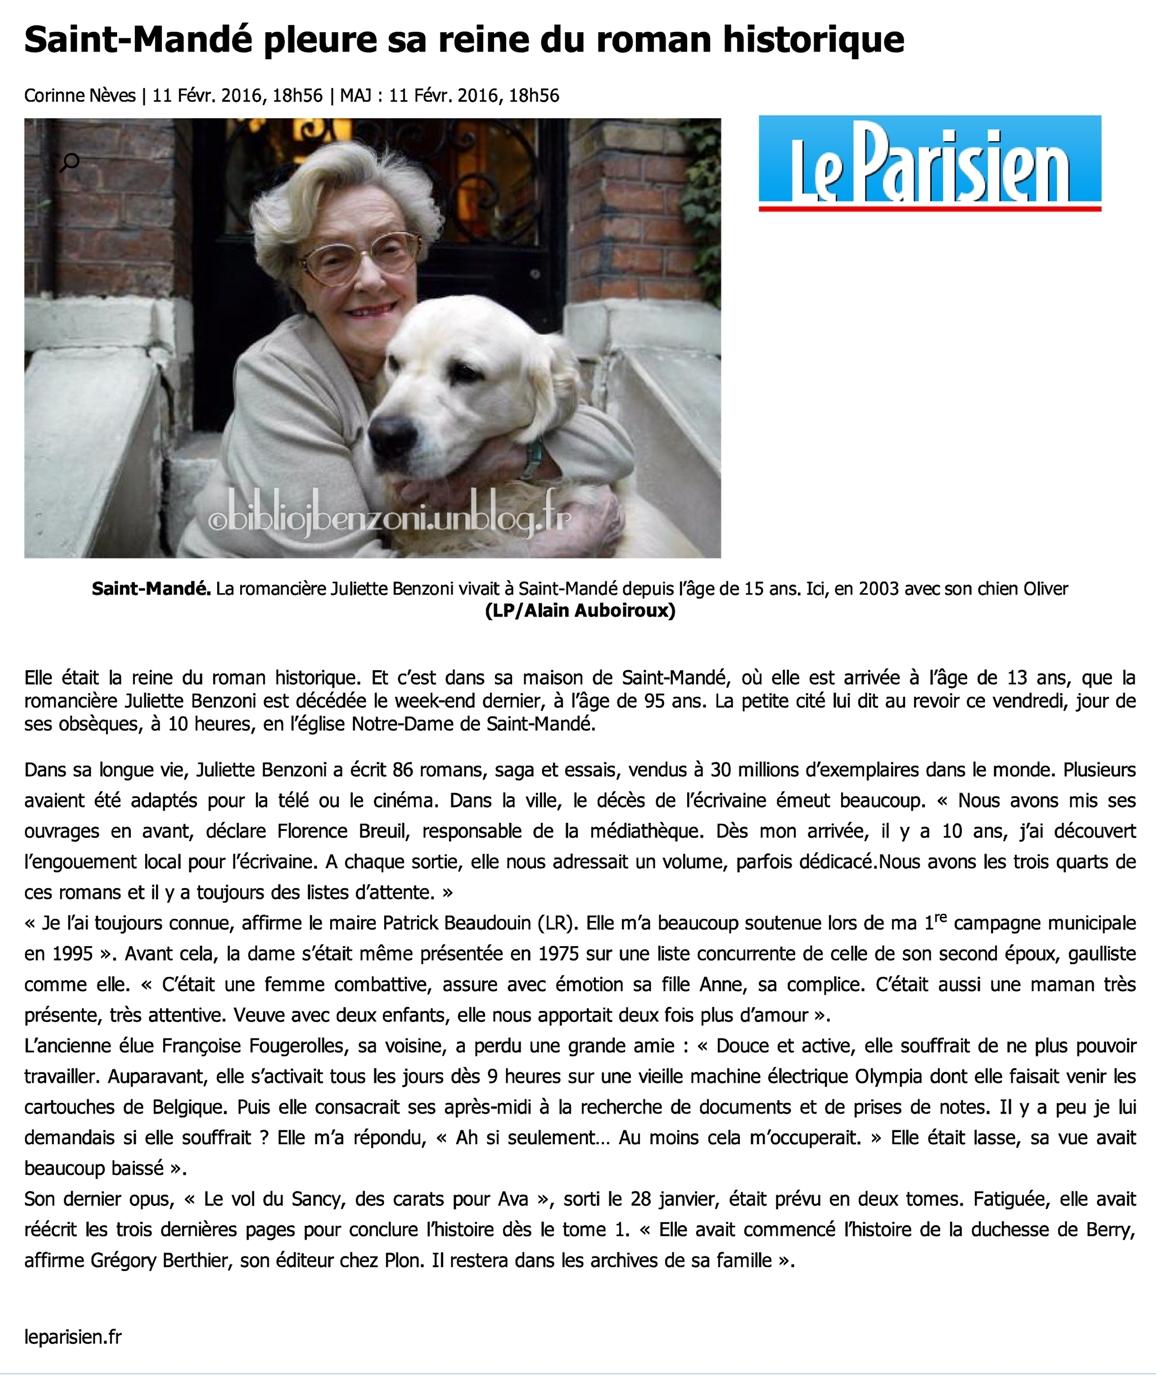 Saint-Mandé pleure sa reine du roman historique